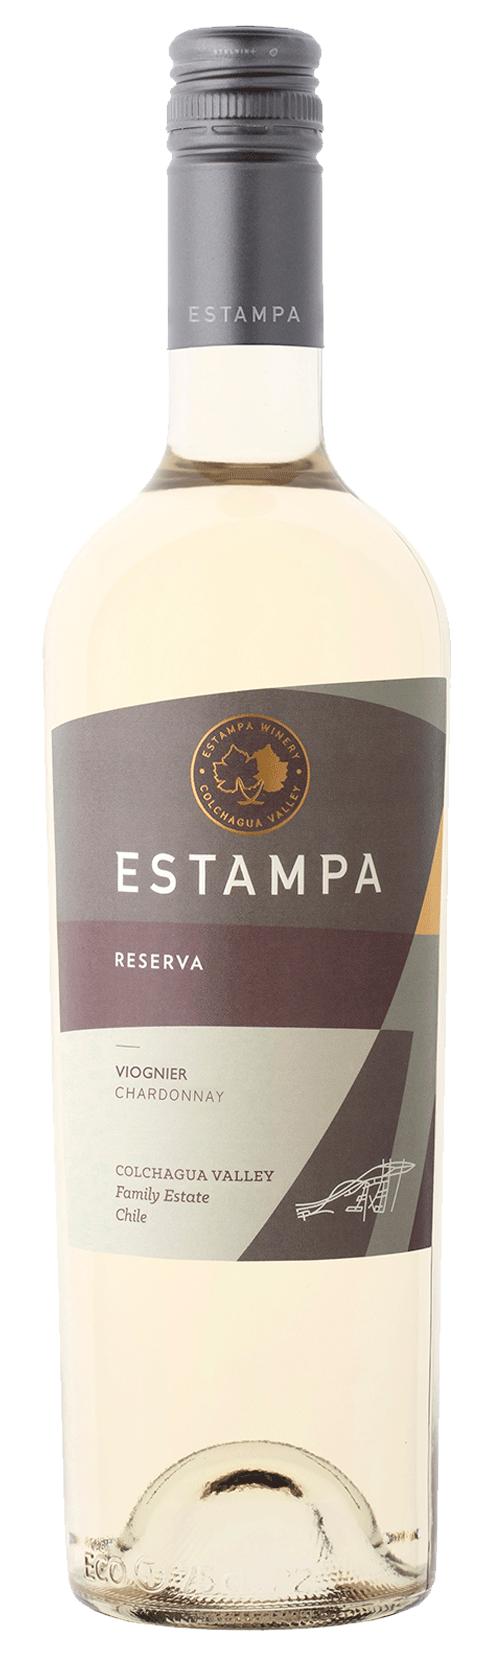 Estampa Reserva Viognier Chardonnay 2018